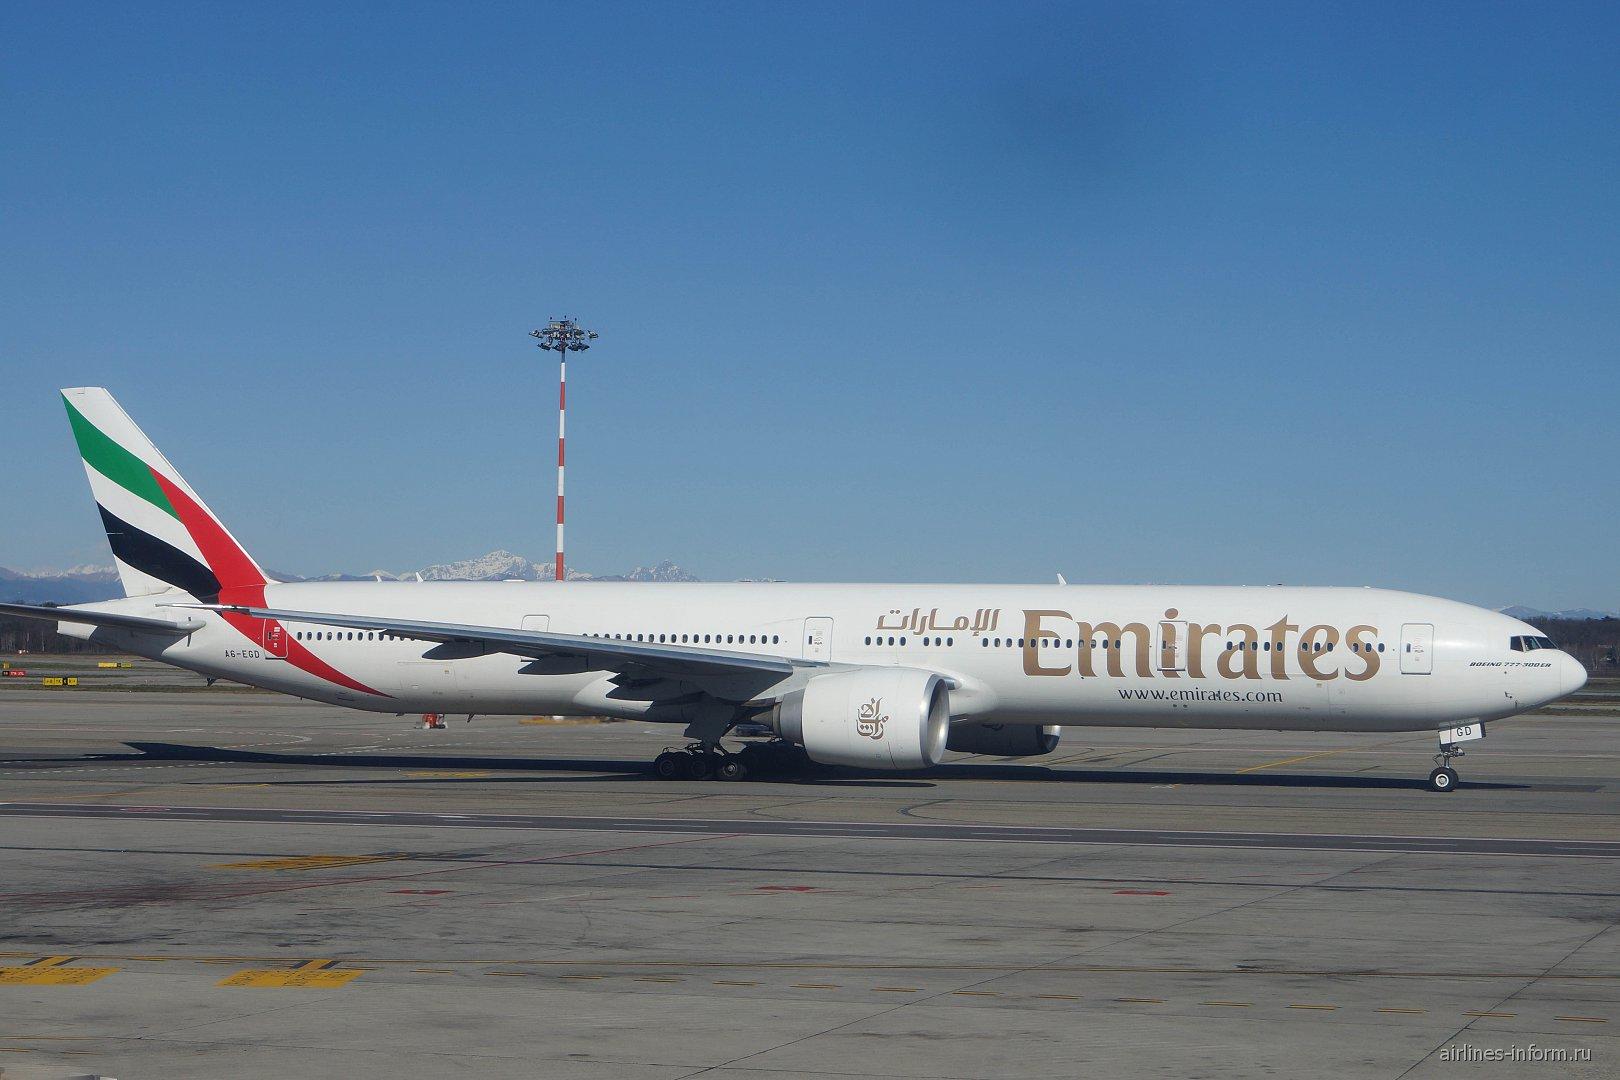 Boeing 777-300ER авиакомпании Emirates в аэропорту Милан Мальпенса